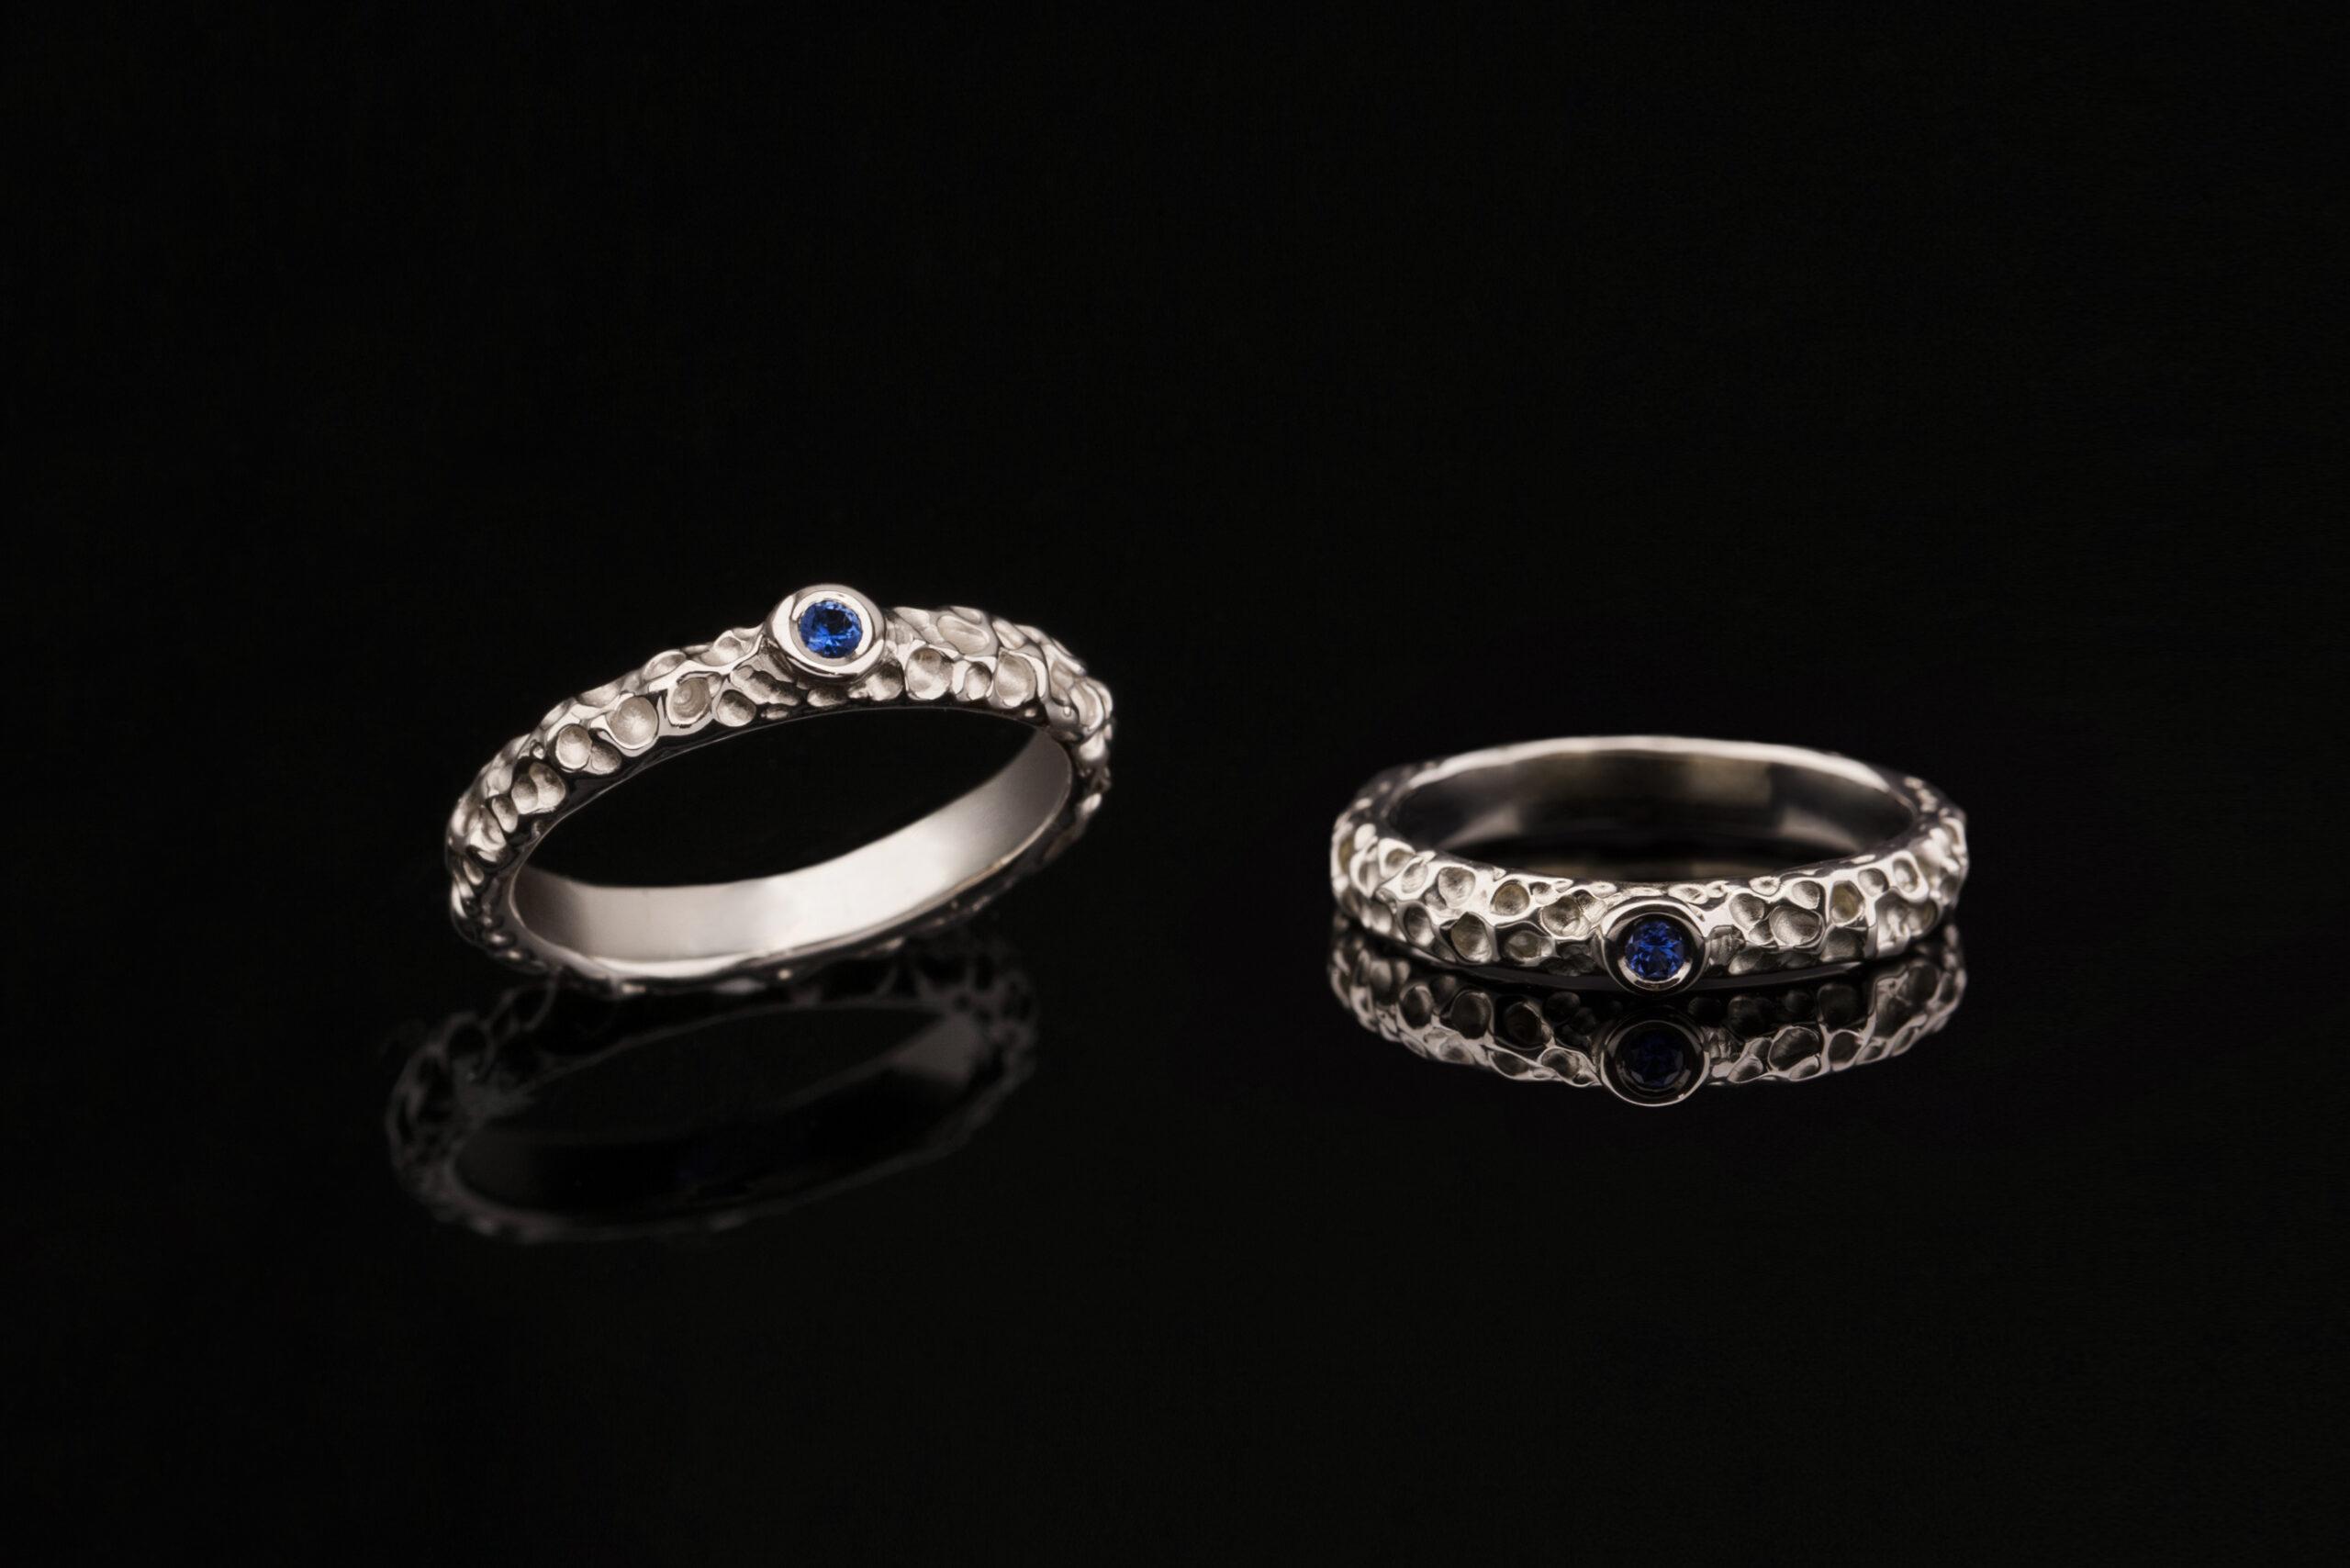 Vienetinis auksinis žiedas su safyru.